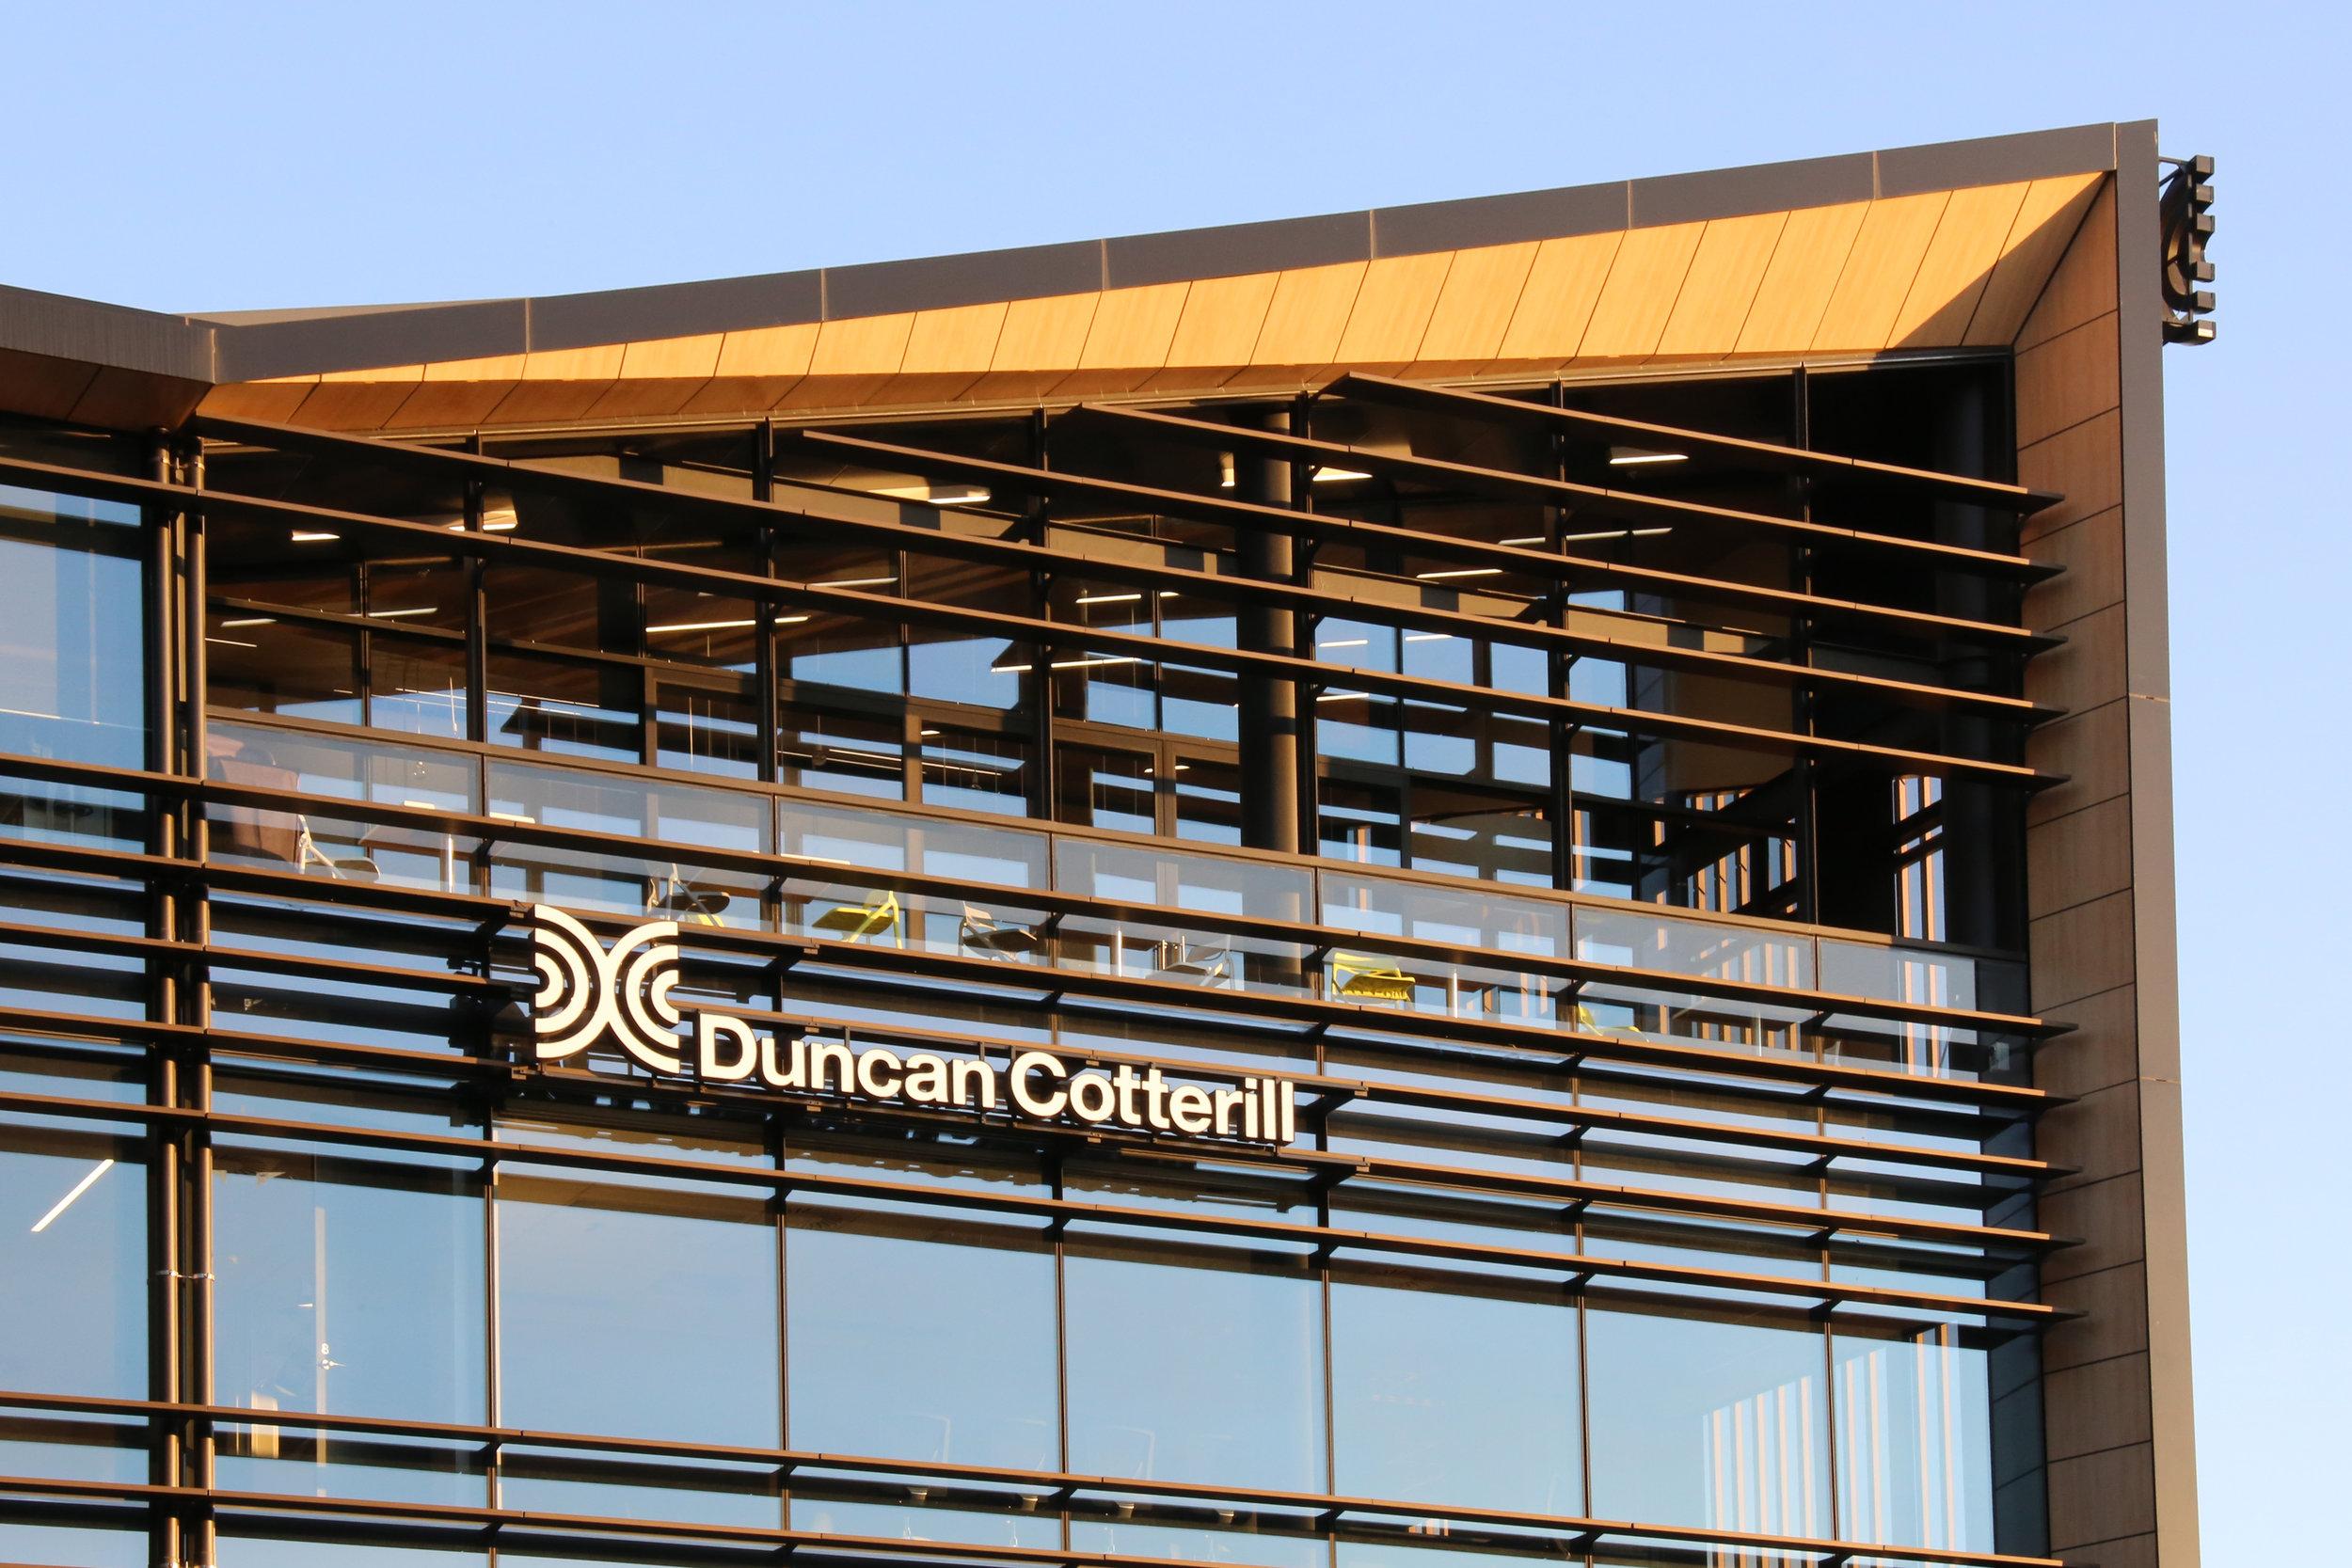 6 Duncan Cotterill Plaza.JPG